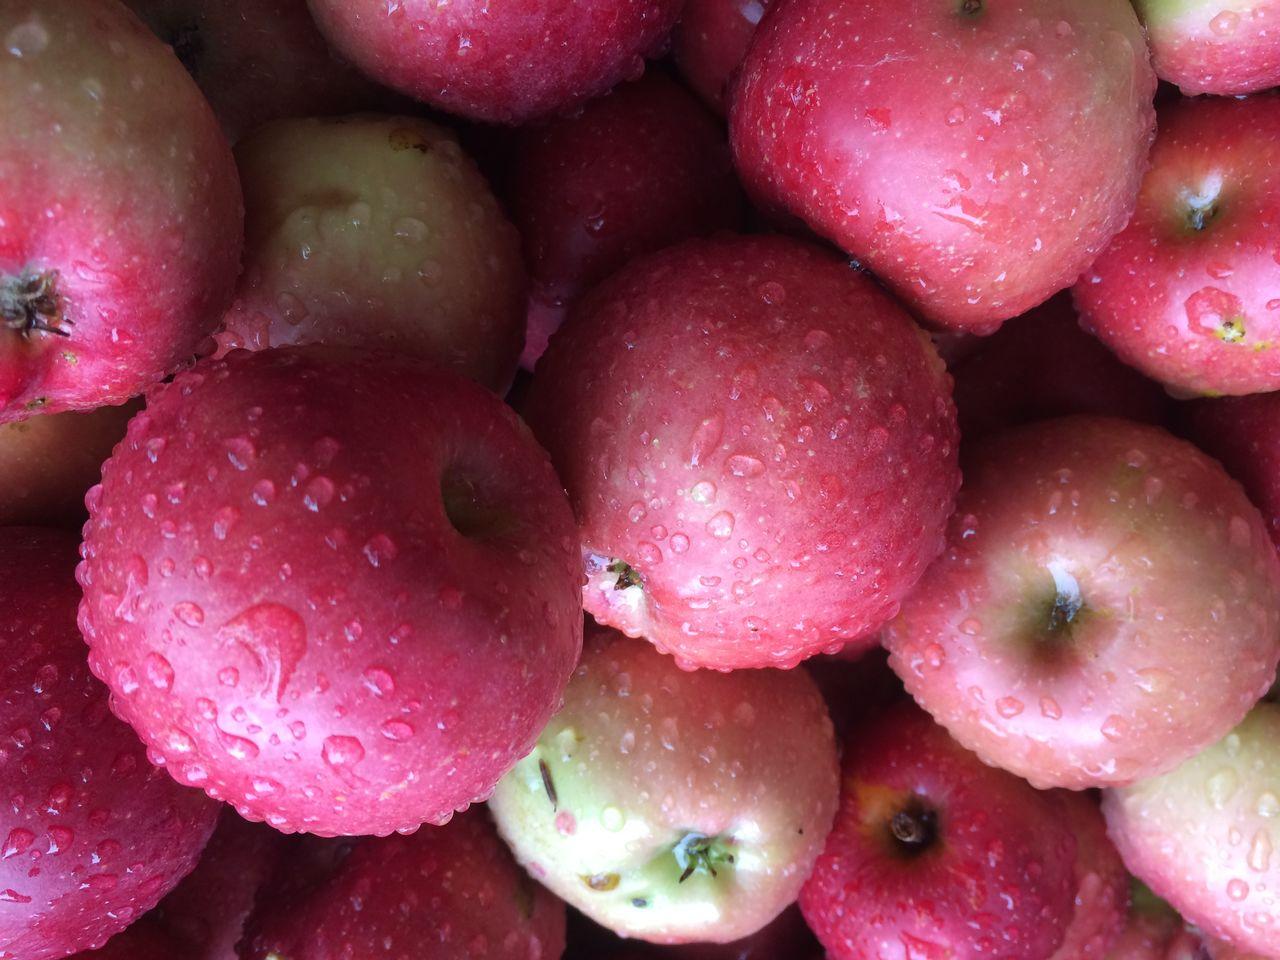 Full frame shot of wet apples for sale